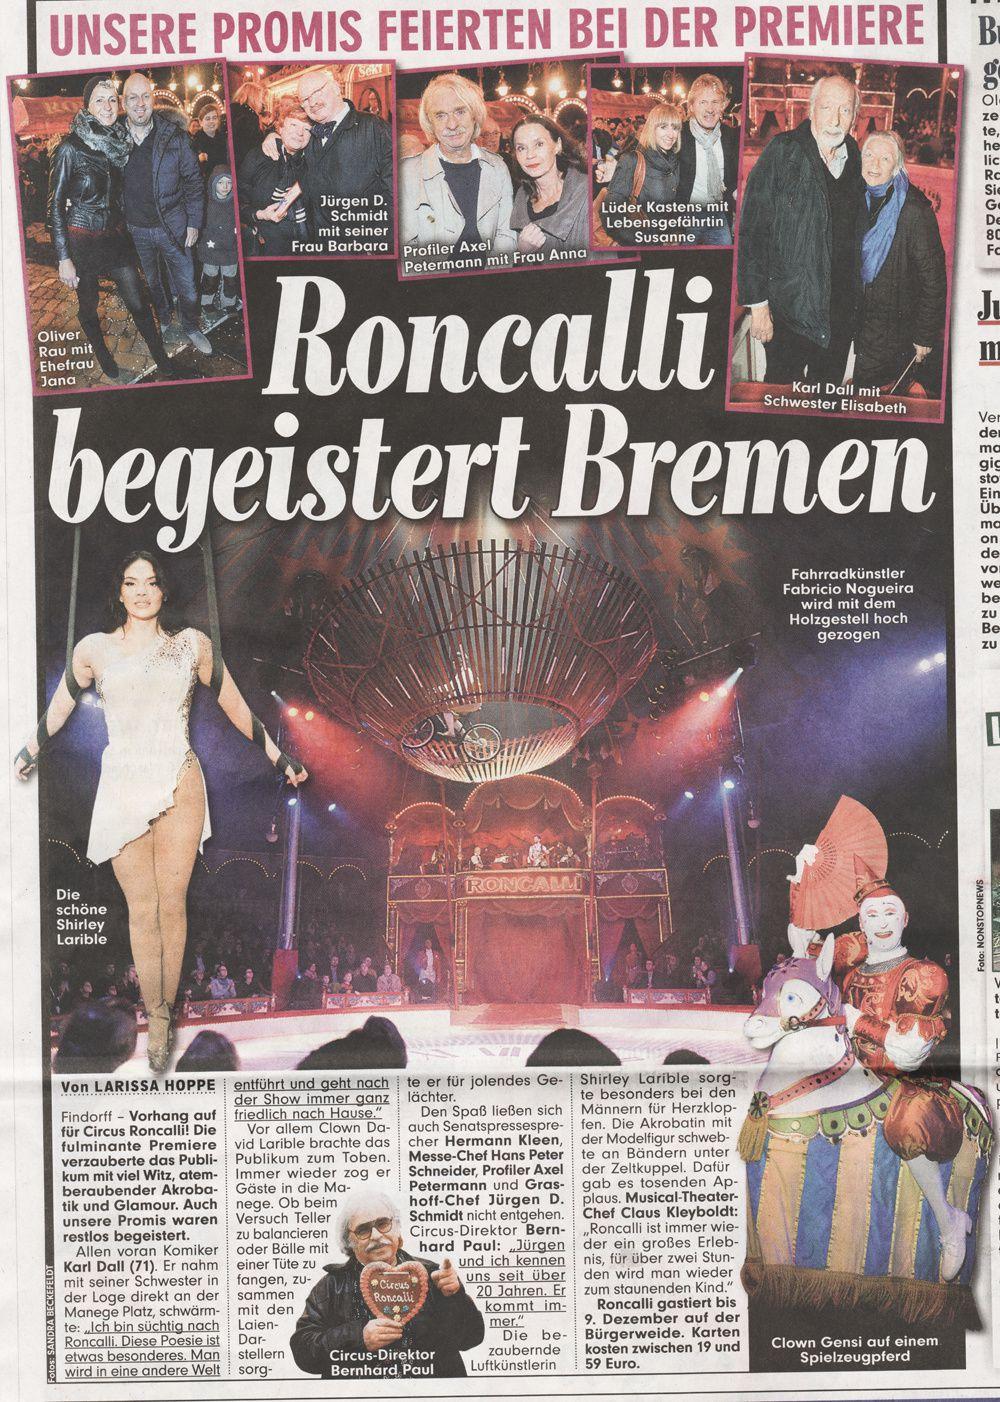 Roncalli begeistert Bremen